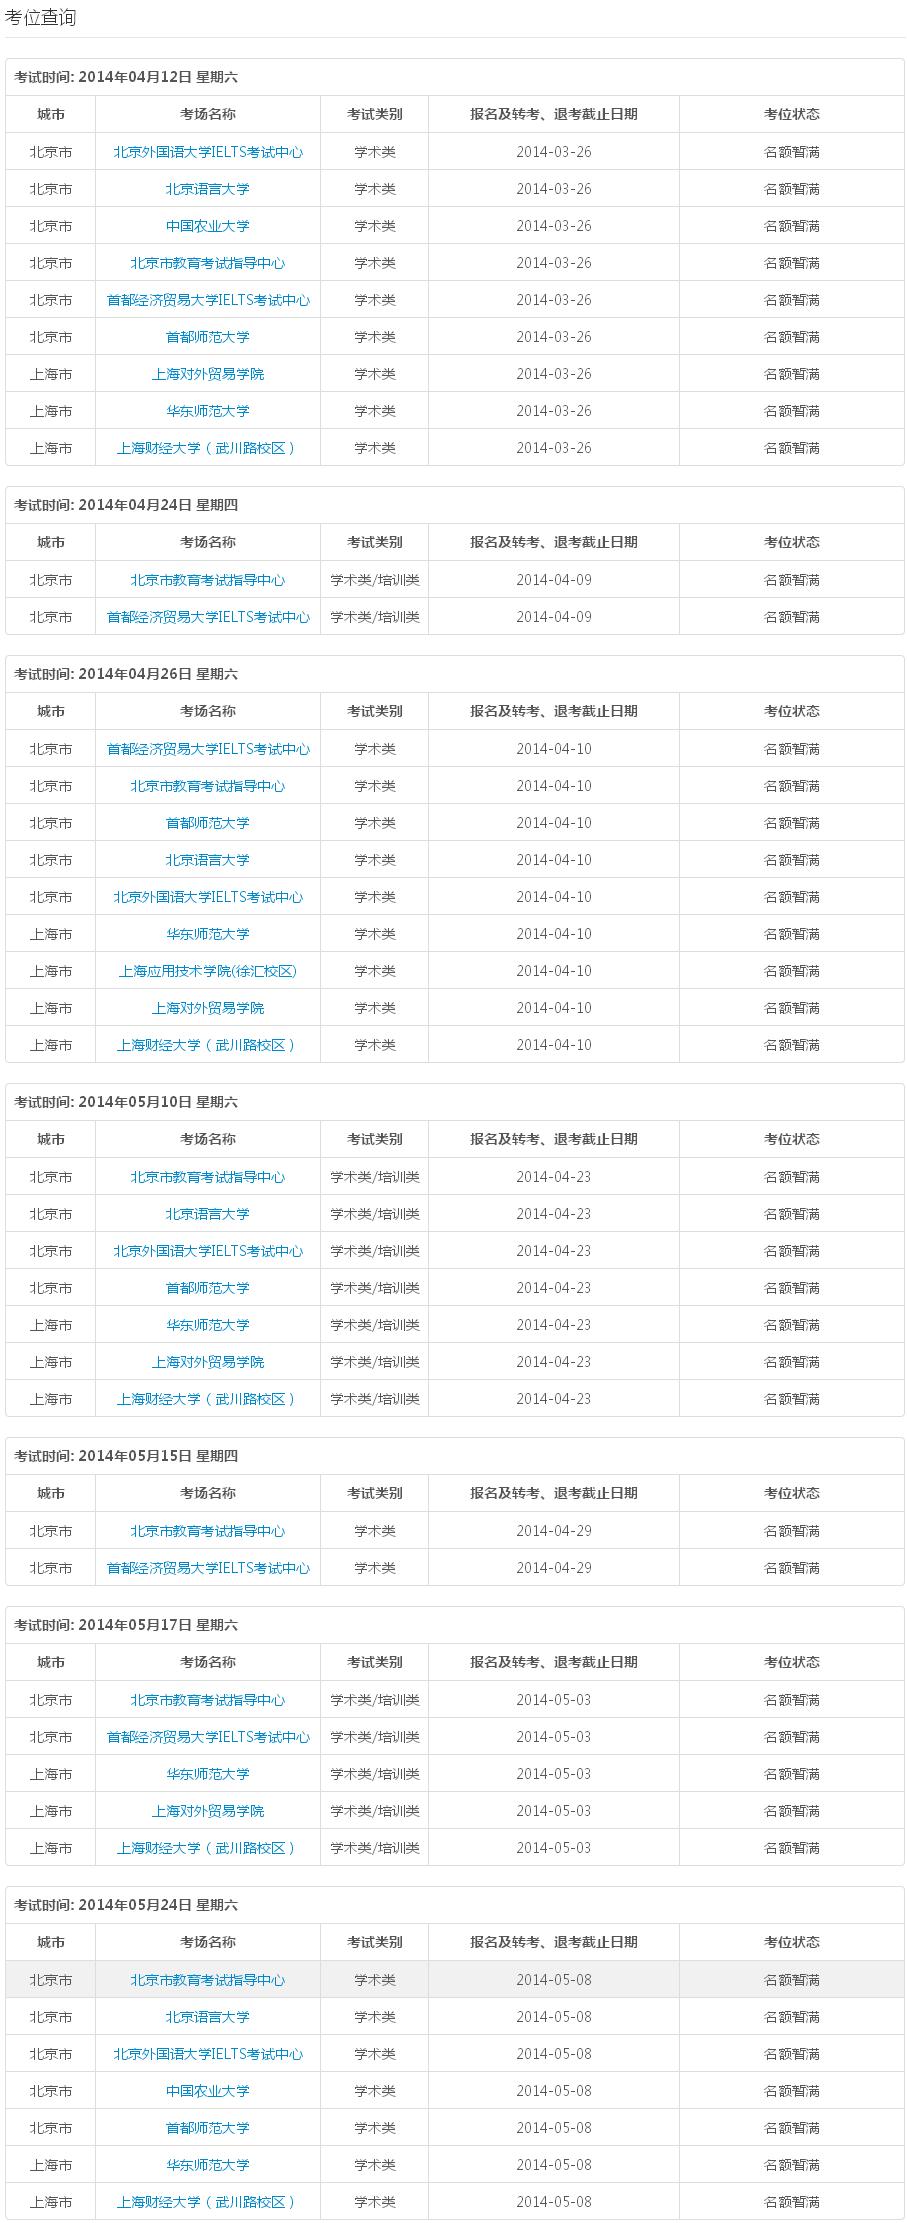 2014年雅思报名官网改版: 北京5月考位已满插图1